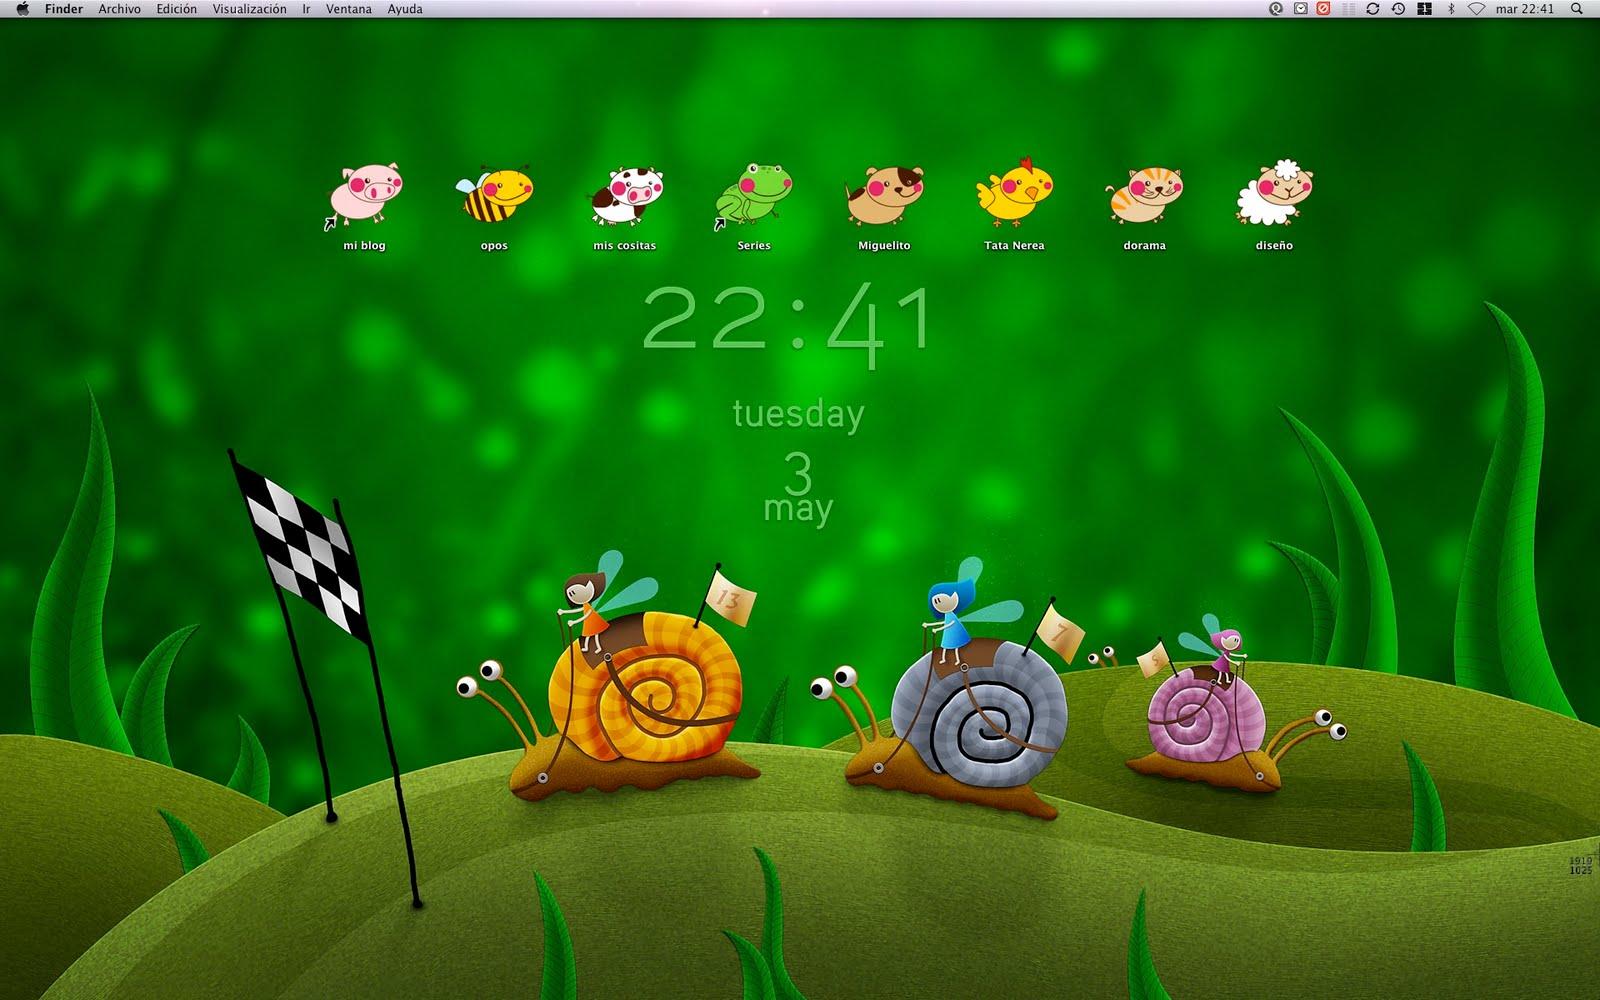 http://1.bp.blogspot.com/-vbqIZEh03Uo/TcBsA8Vf1lI/AAAAAAAAC44/beCjLYCvnjc/s1600/escritorio24.jpeg